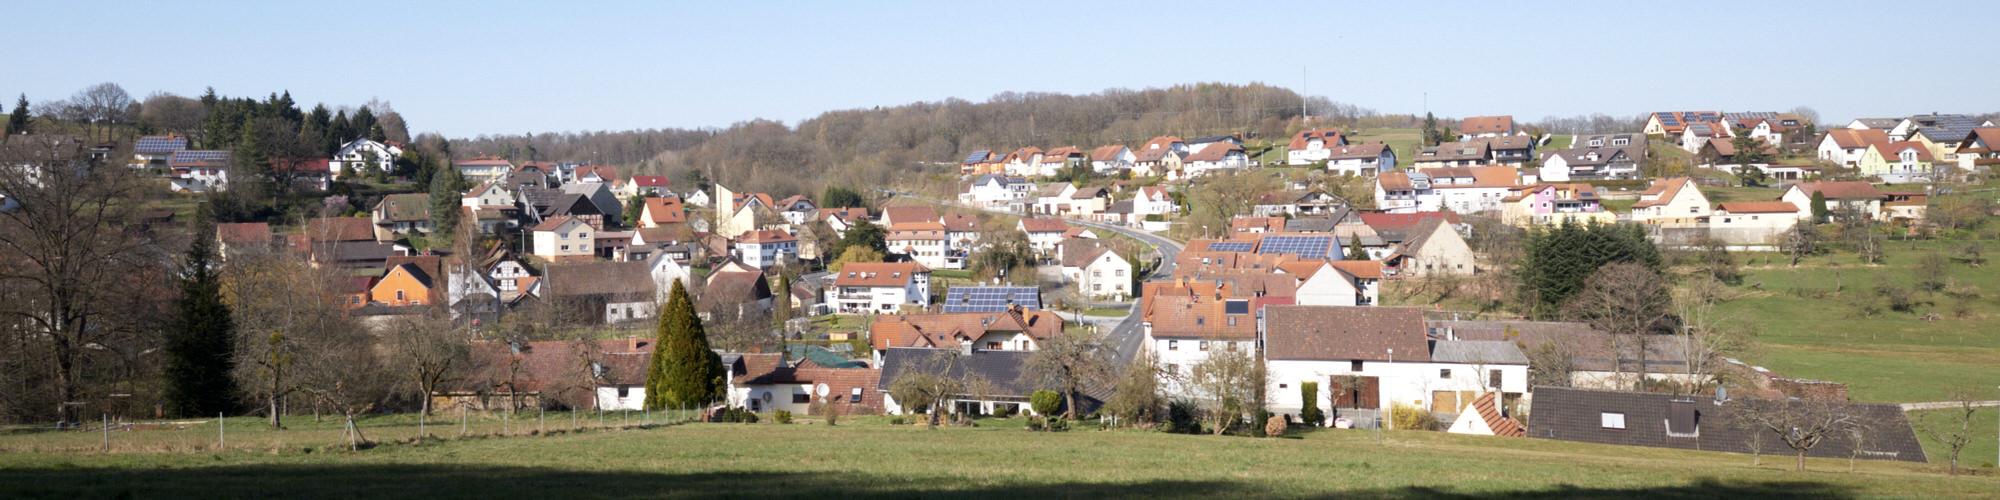 Hassenbach - Fuersauge.com